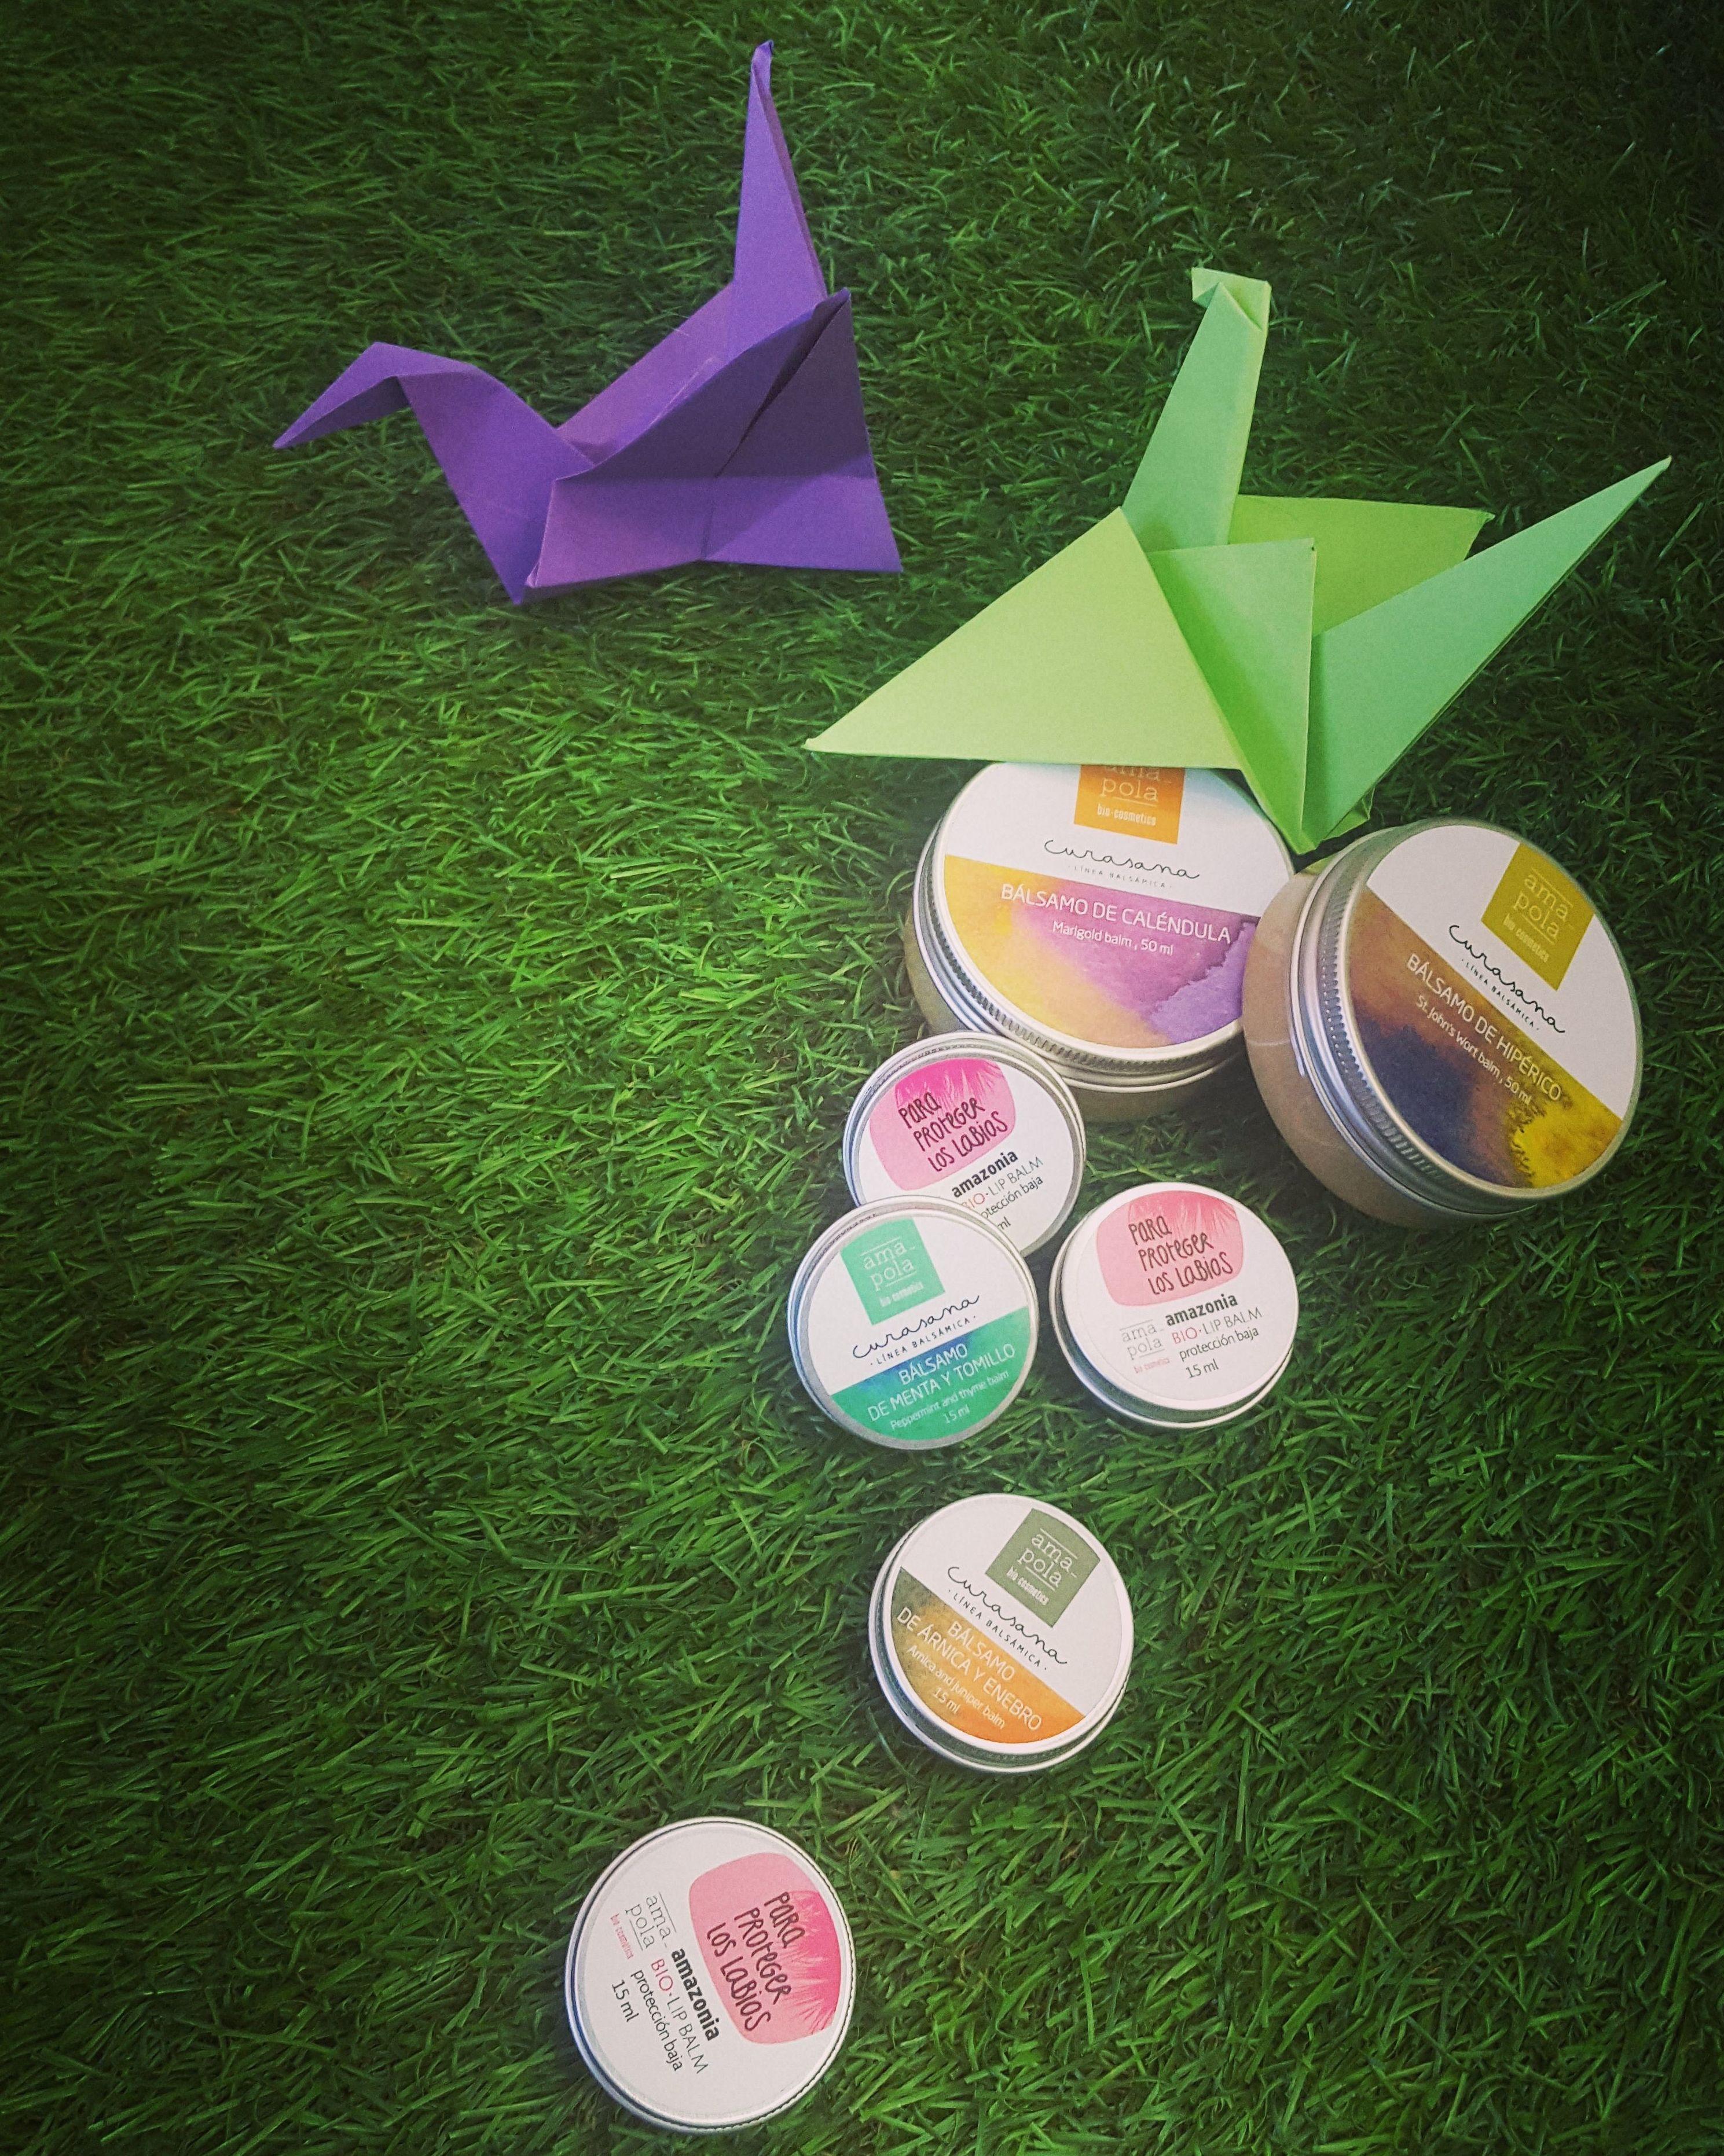 Amapola biocosmetics: cremas, bálsamos y aceites eco